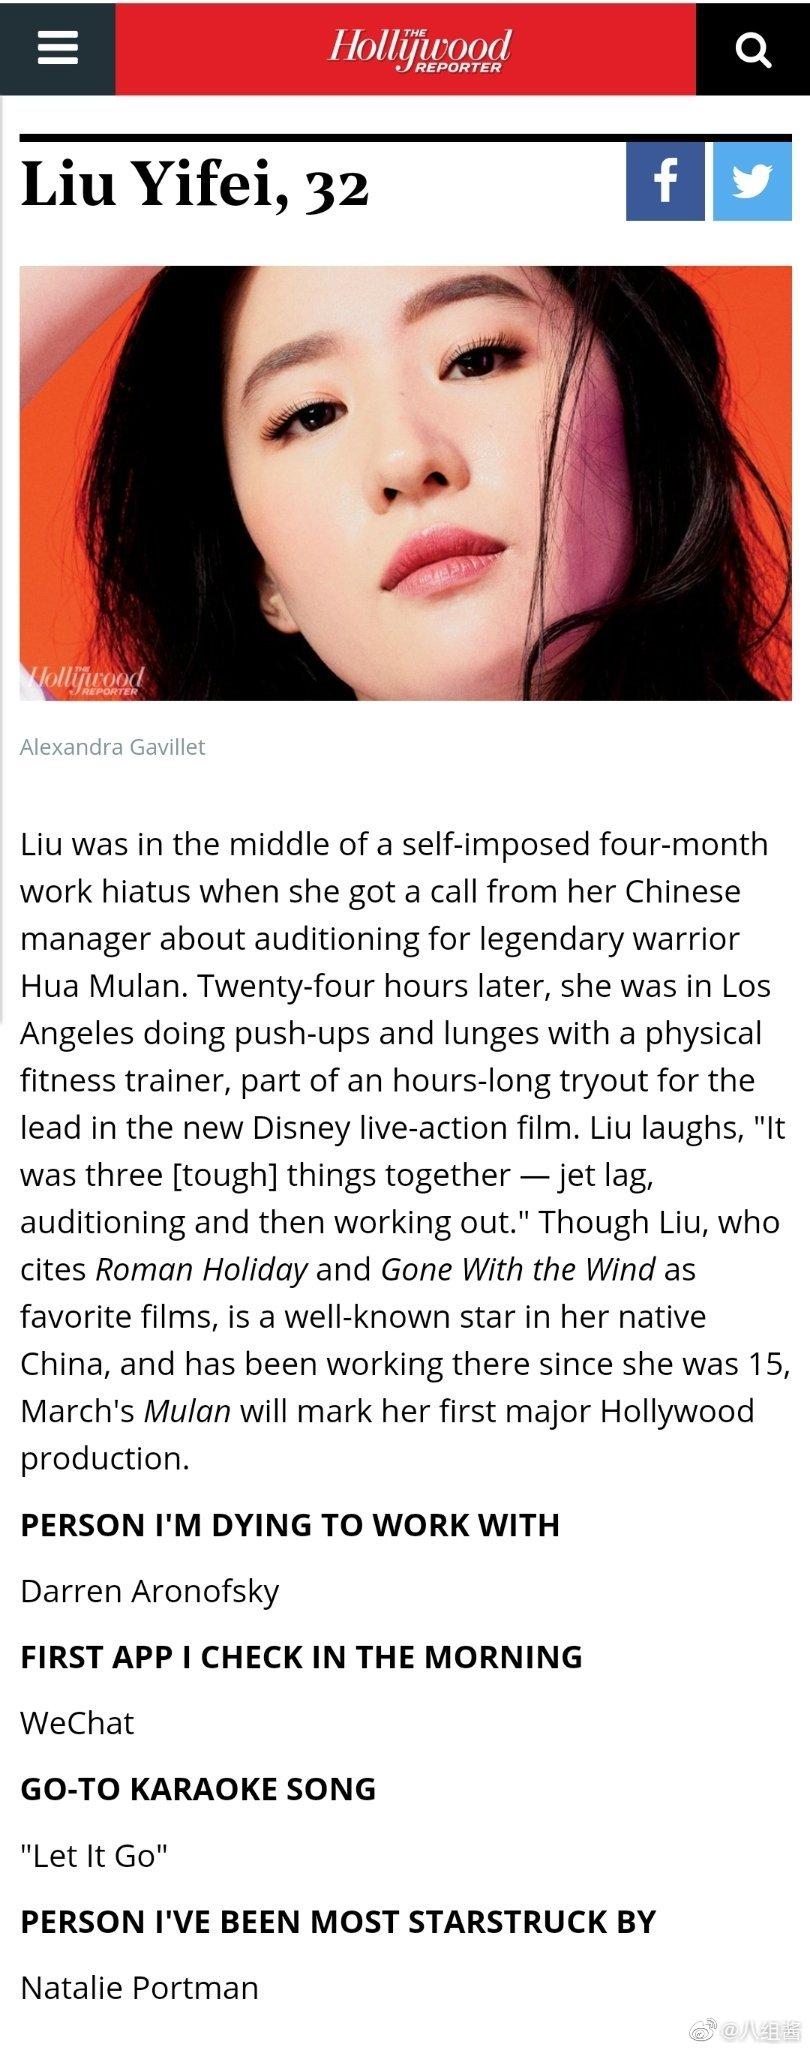 刘亦菲一直都是努力又低调的人,默默地为自己的梦想奋斗